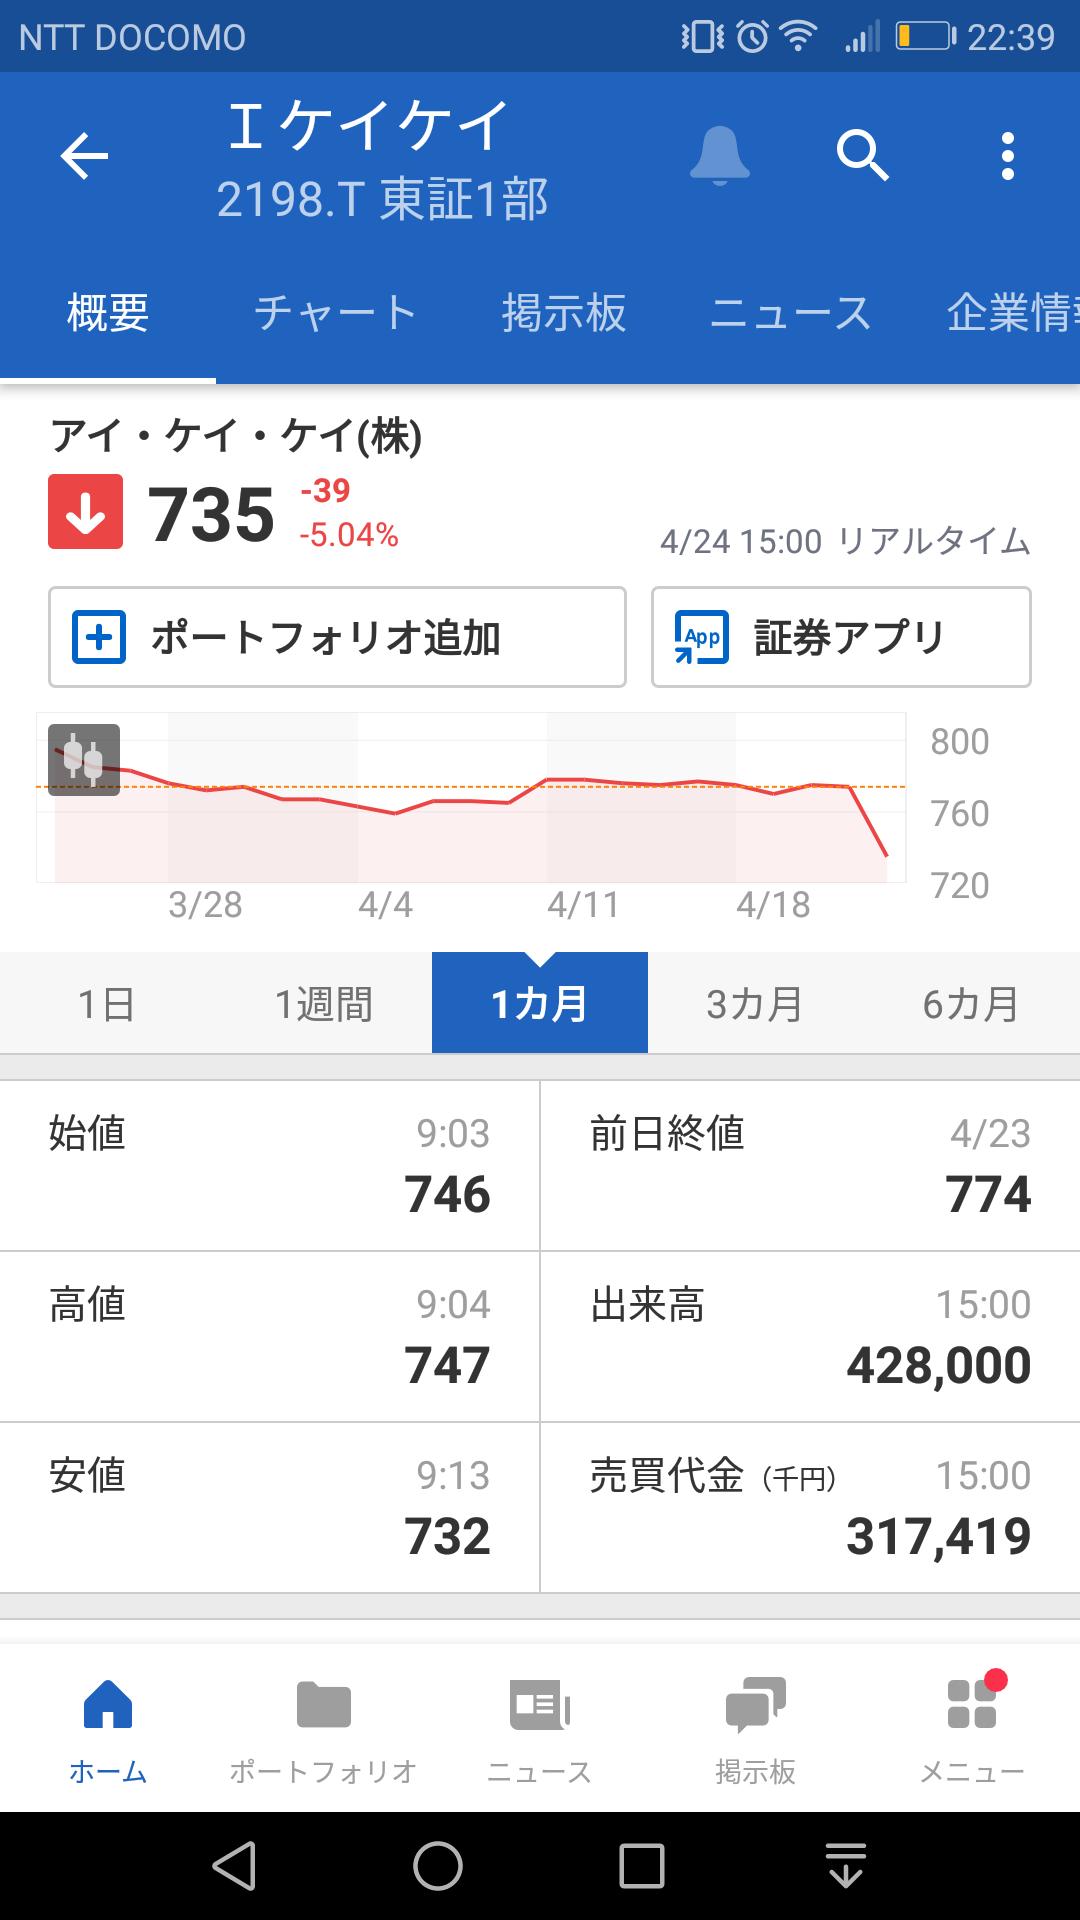 テンポスHD(2751)のみの4月株主優待・配当権利取得銘柄リストと権利落ち後のヤーマンとアイケイケイの株価について